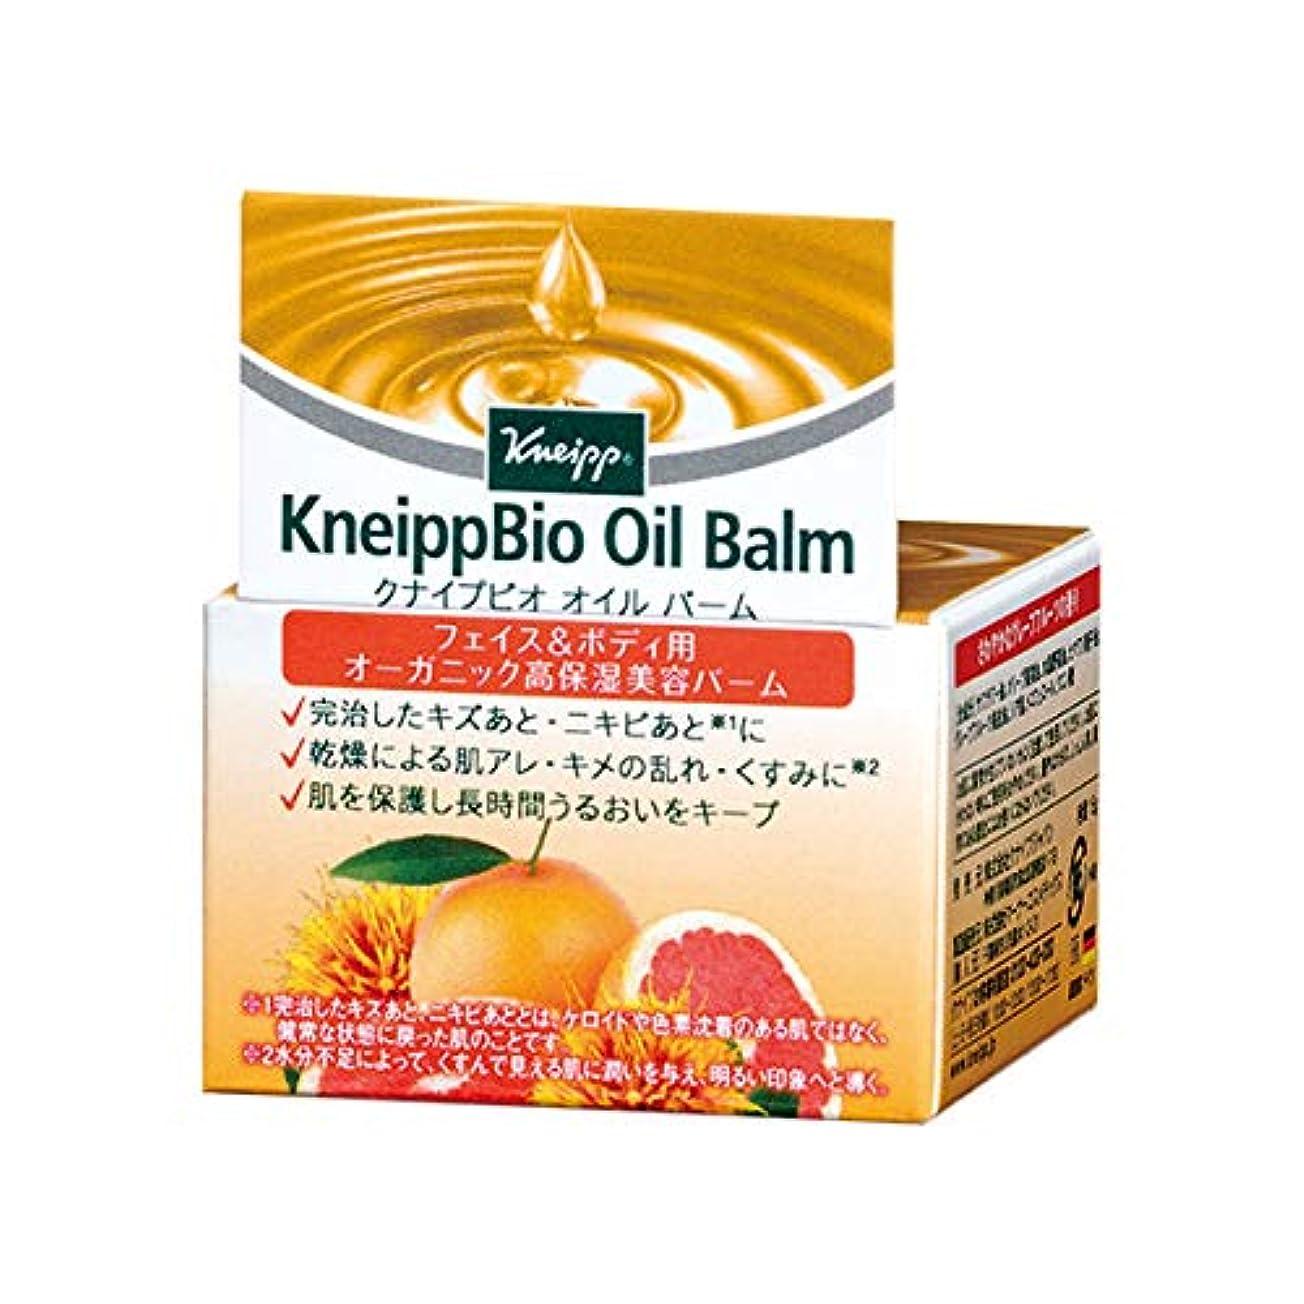 ひねり熱狂的な印象クナイプ(Kneipp) クナイプビオ オイル バーム 15g 美容液